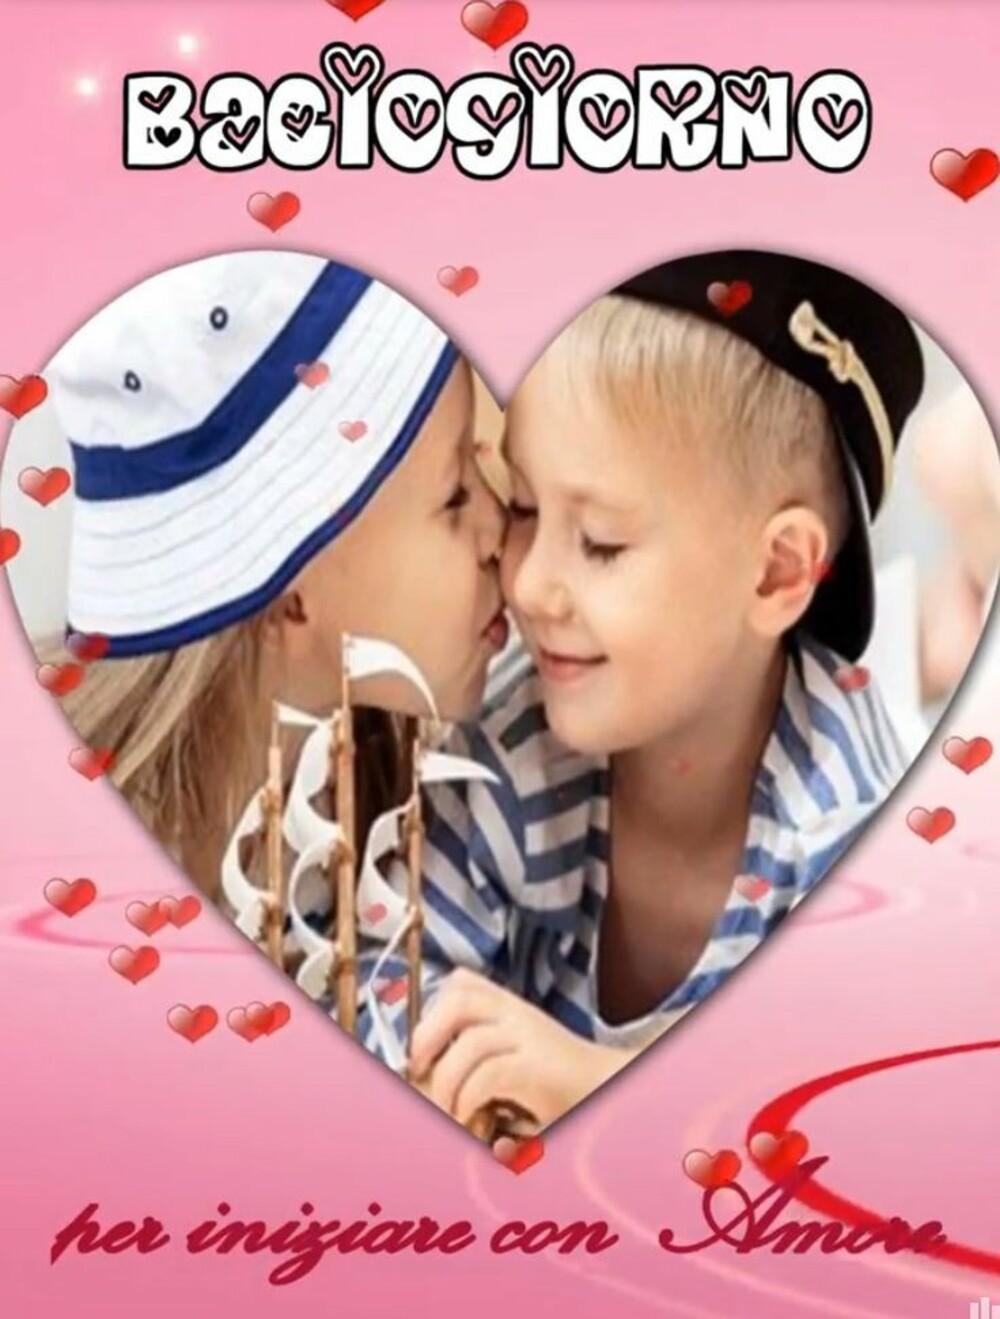 Baciogiorno bellissime immagini (6)